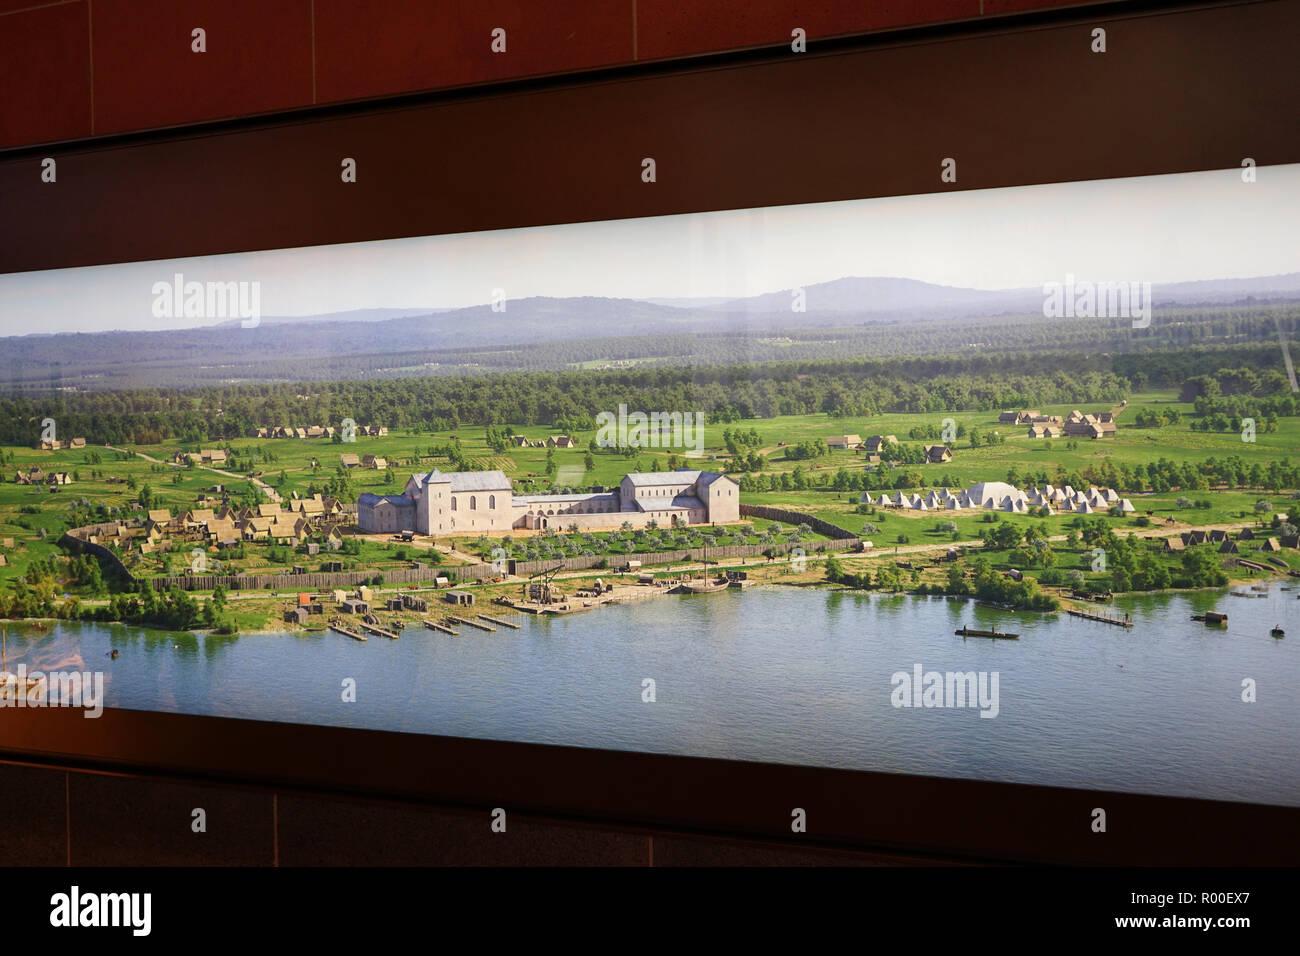 Kaiserpfalz, Bild im Ausstellungsraum des Archäologischen Gartens, Kaiserpfalz Franconofurd, Stadthaus Frankfurt, Neue Altstadt,  Frankfurt am Main - Stock Image